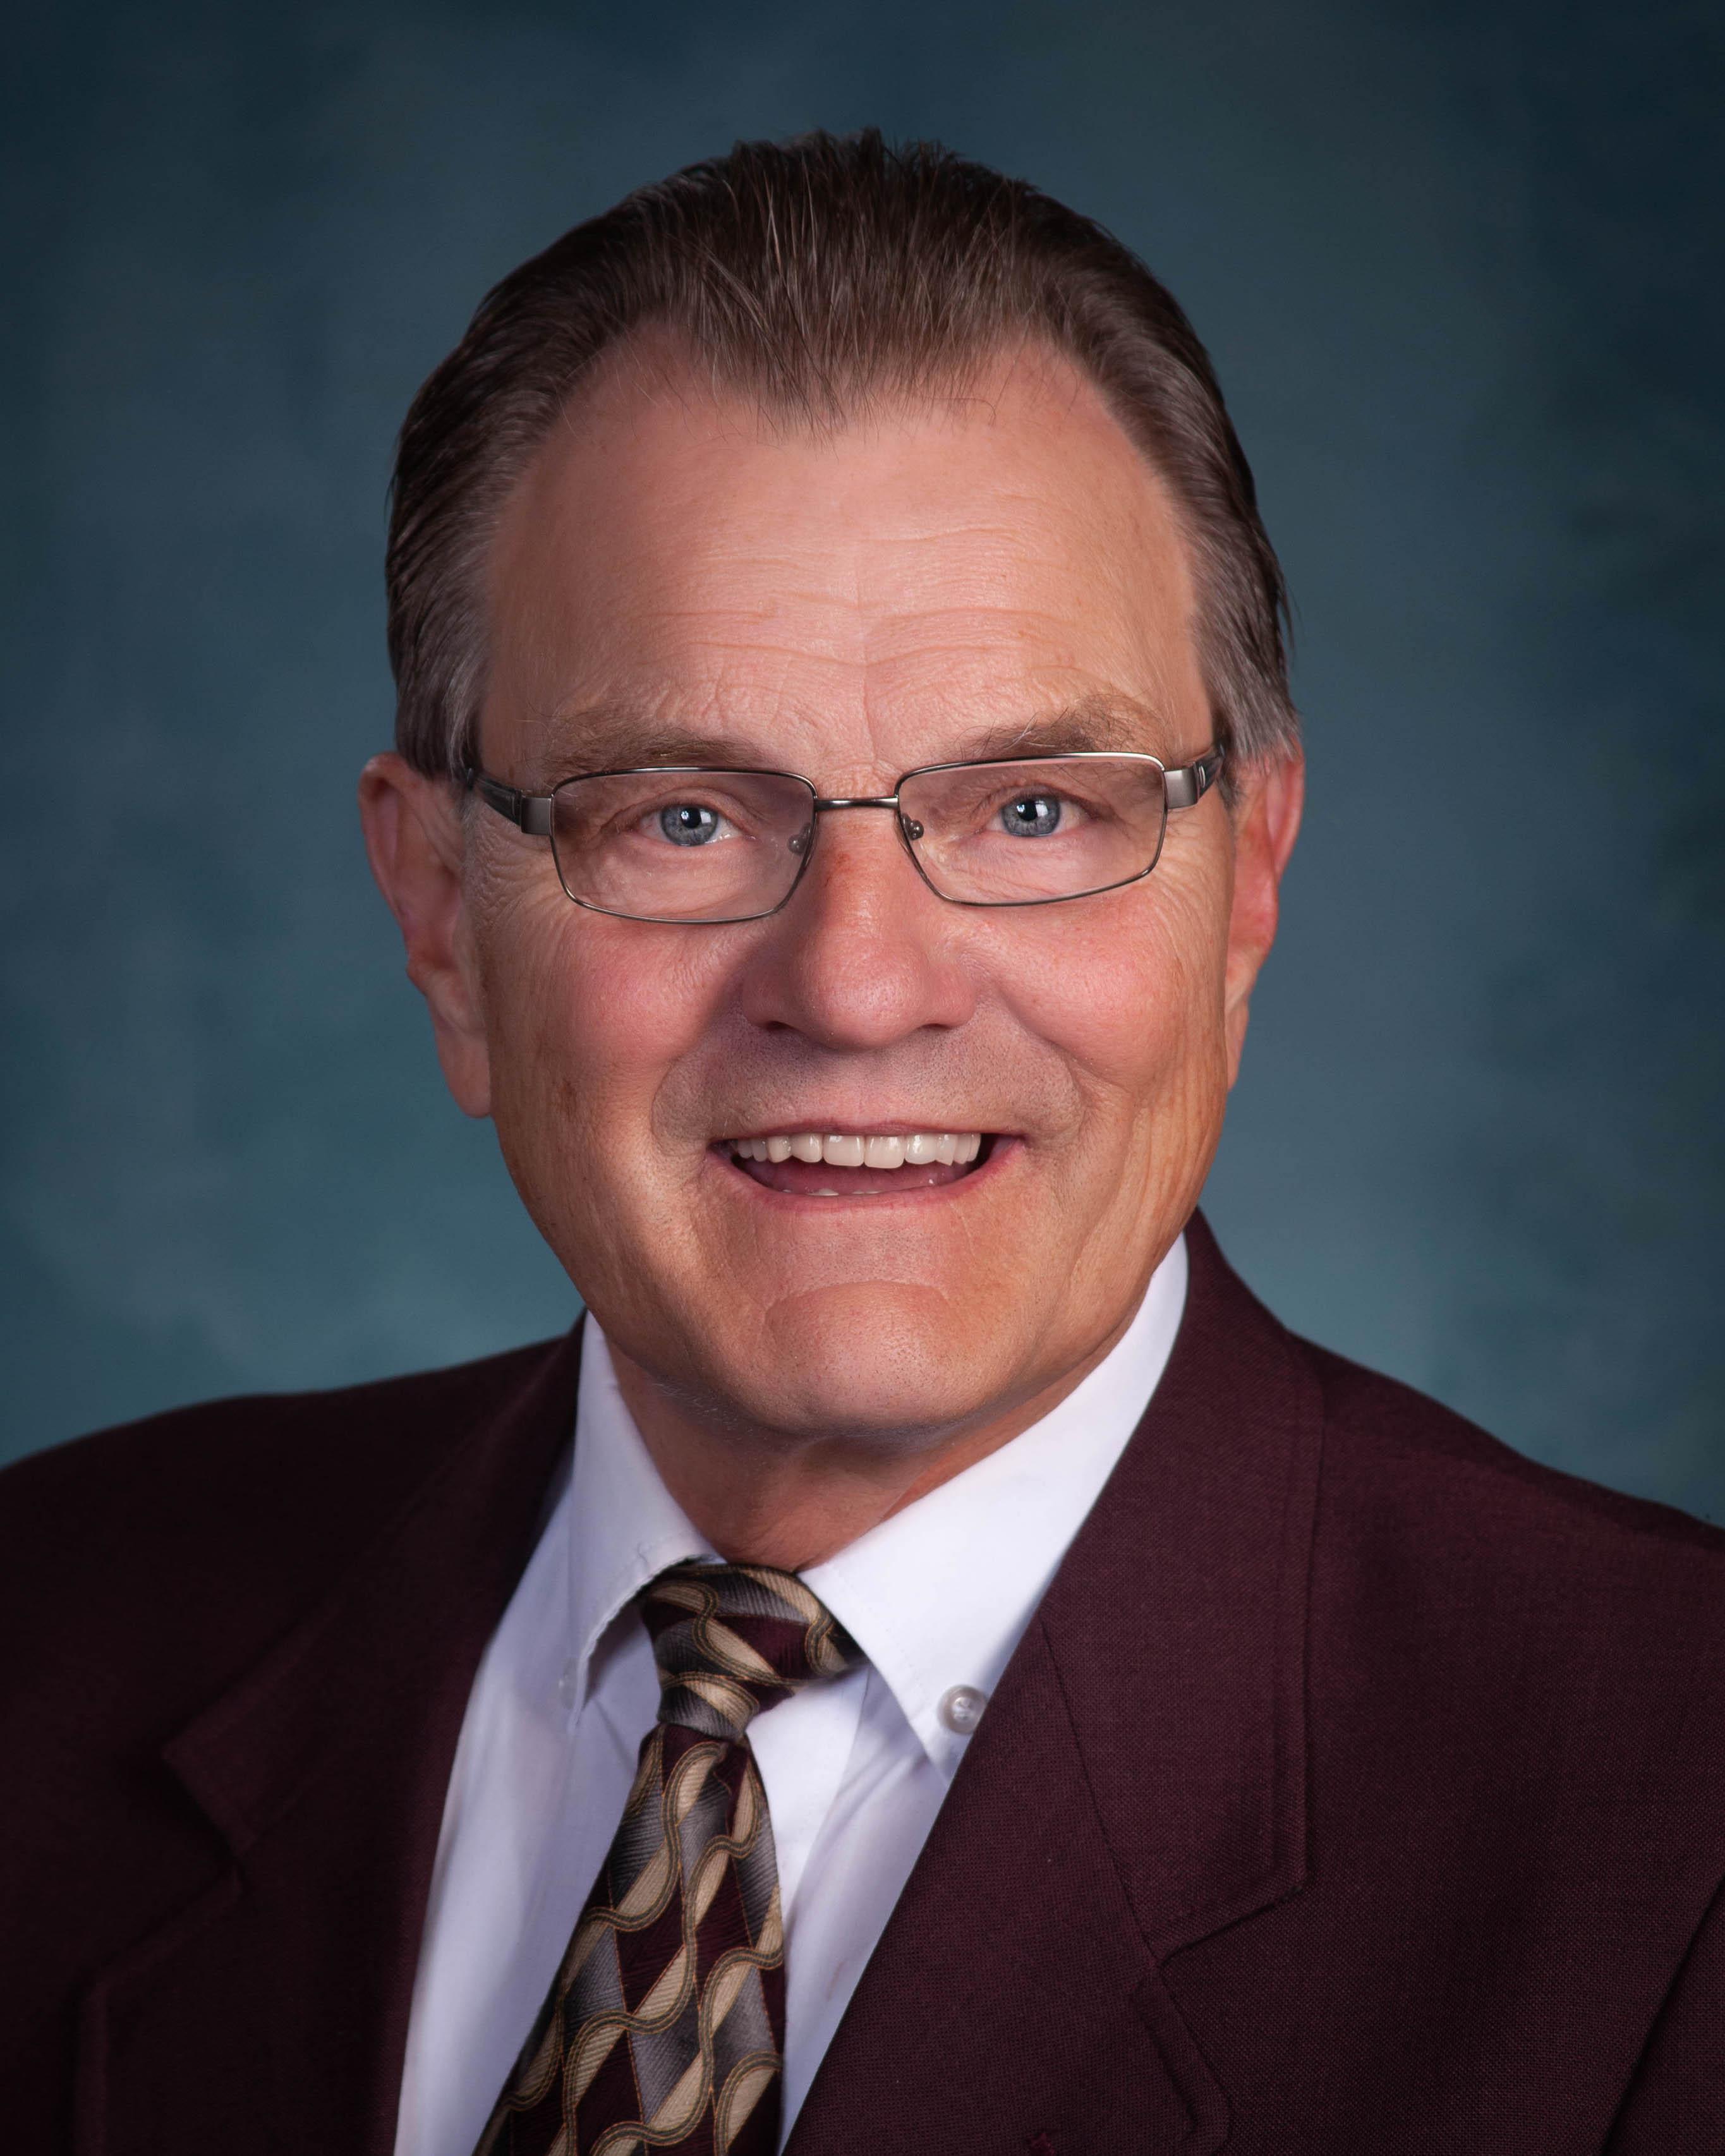 Dr. Paul Von Behren